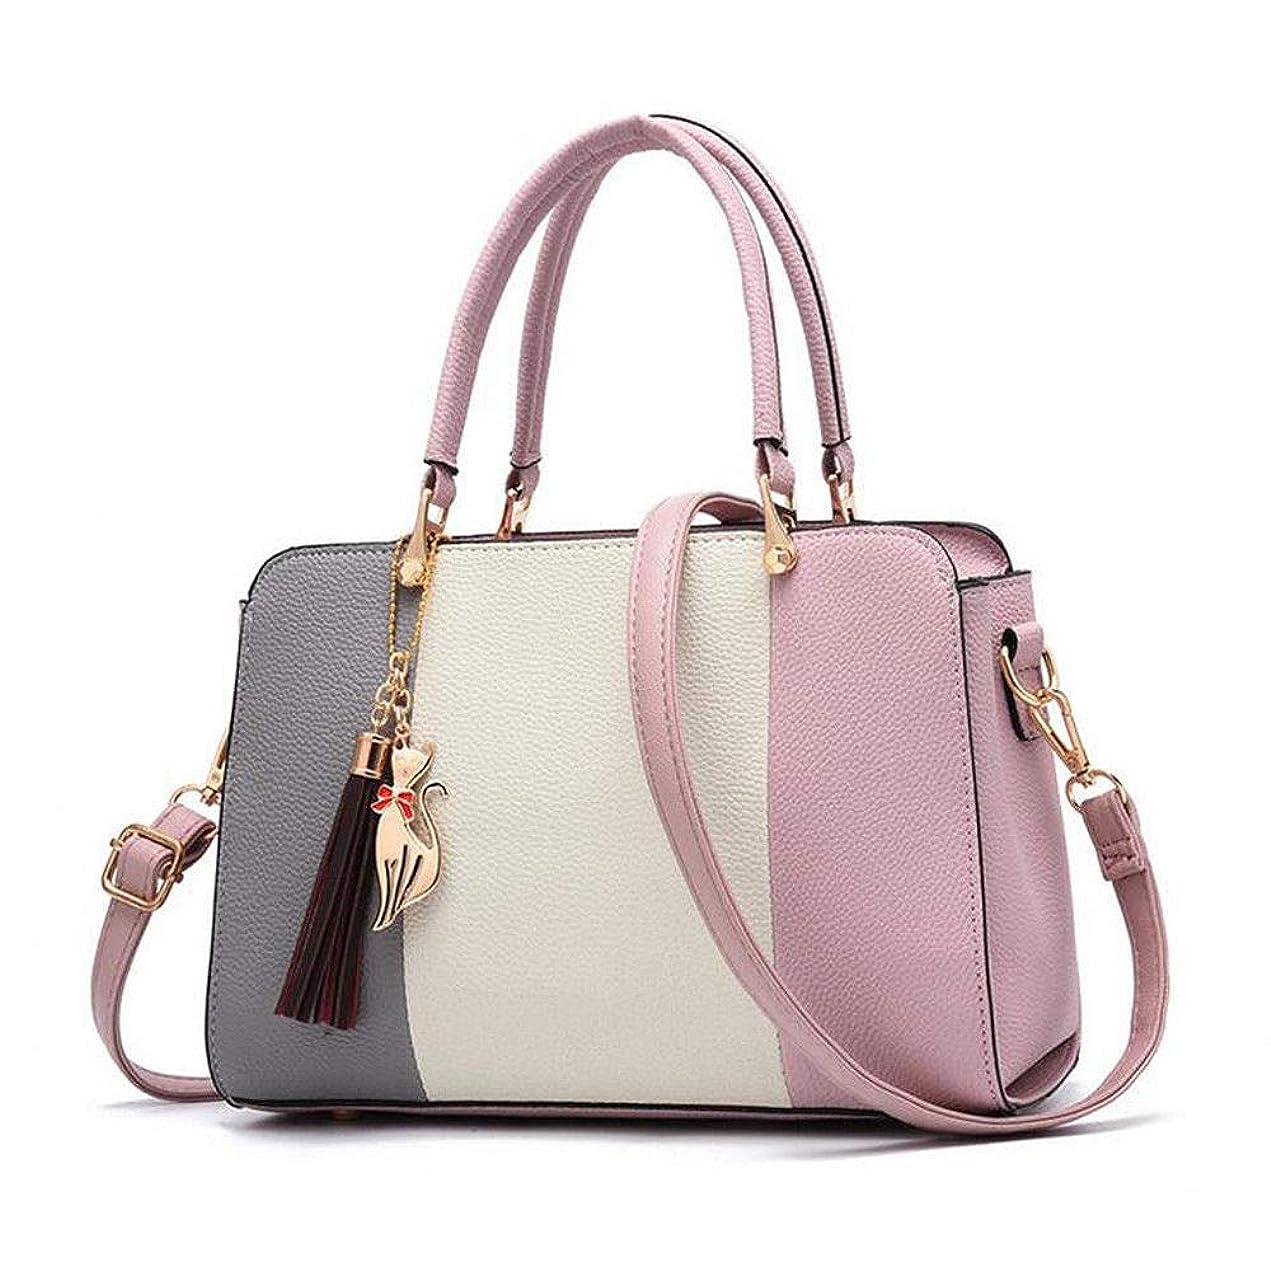 ミスペンド拒否カートリッジファッション > レディース > バッグ?財布 > バッグ > ショルダーバッグ/Women Leather Handbag Shoulder Messenger Crossbody Tote Bag Satchel Ladies Purse